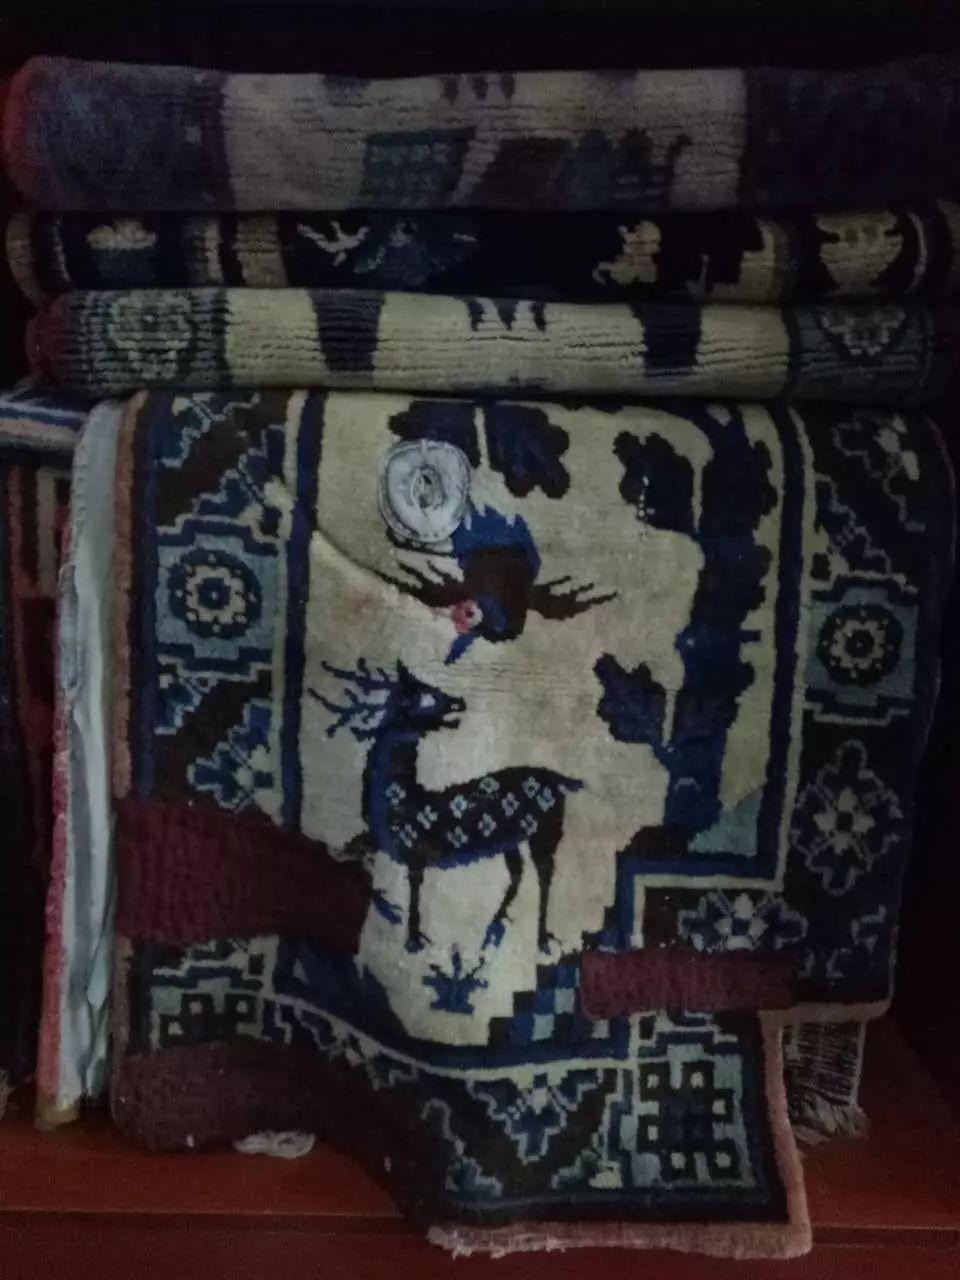 蒙古族青年宝尔金创办民俗文化展厅,看看都收藏了哪些物件? 第5张 蒙古族青年宝尔金创办民俗文化展厅,看看都收藏了哪些物件? 蒙古工艺